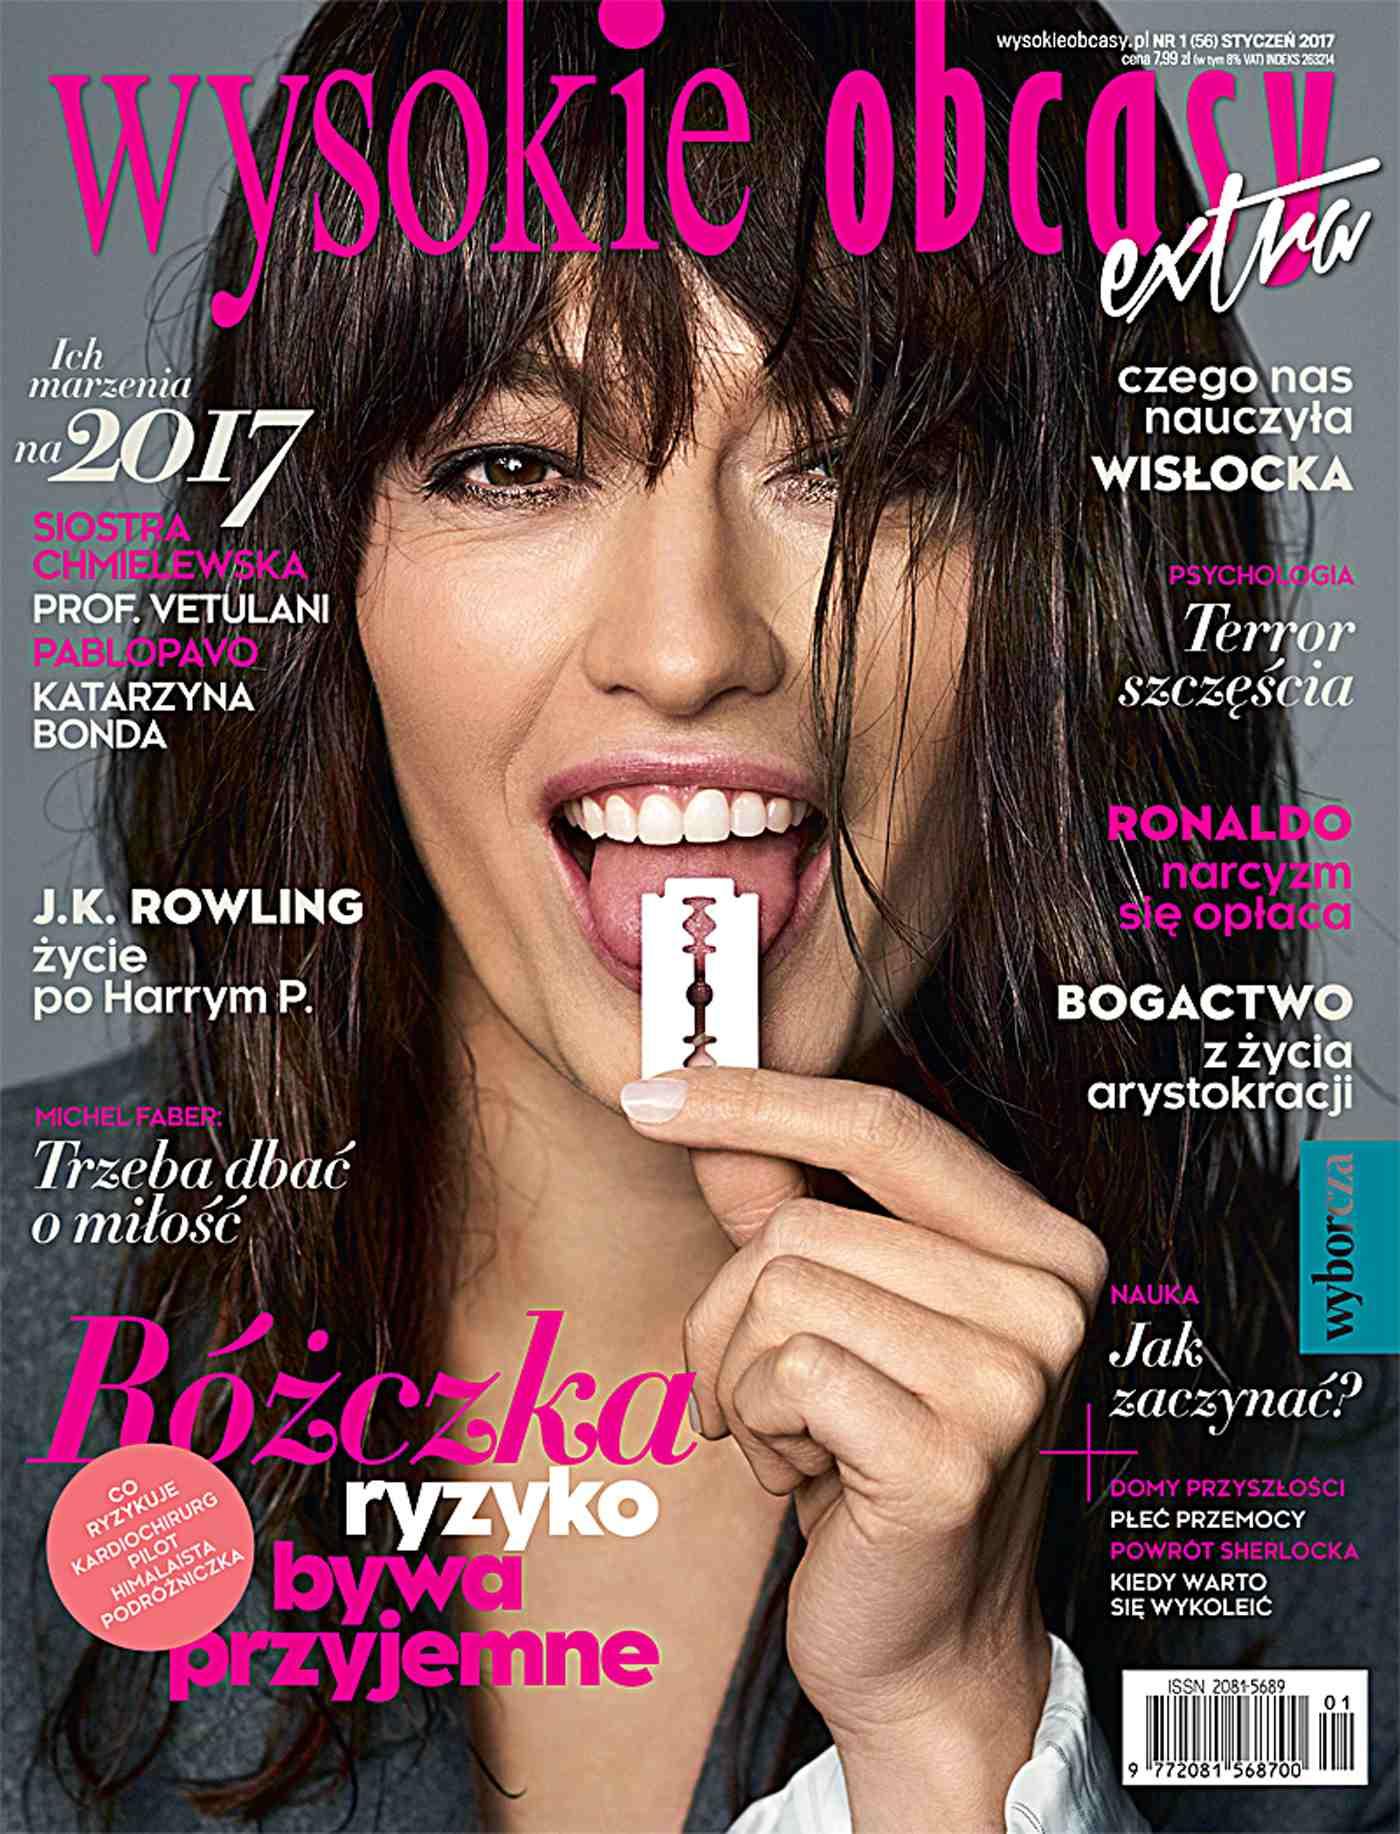 Wysokie Obcasy Extra 1/2017 - Ebook (Książka na Kindle) do pobrania w formacie MOBI